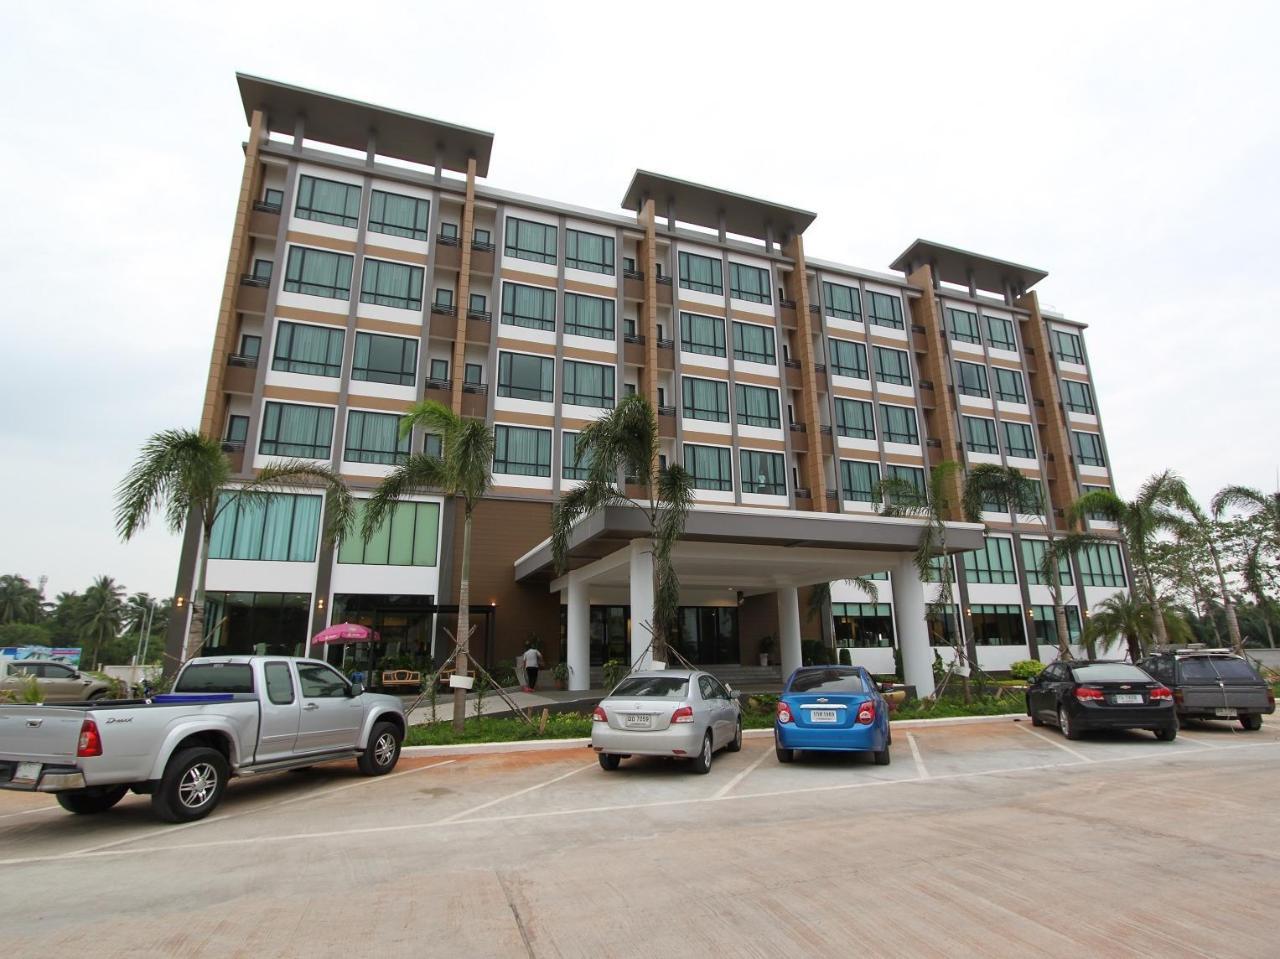 เอส ทารา แกรนด์ โฮเต็ล (S Tara Grand Hotel)